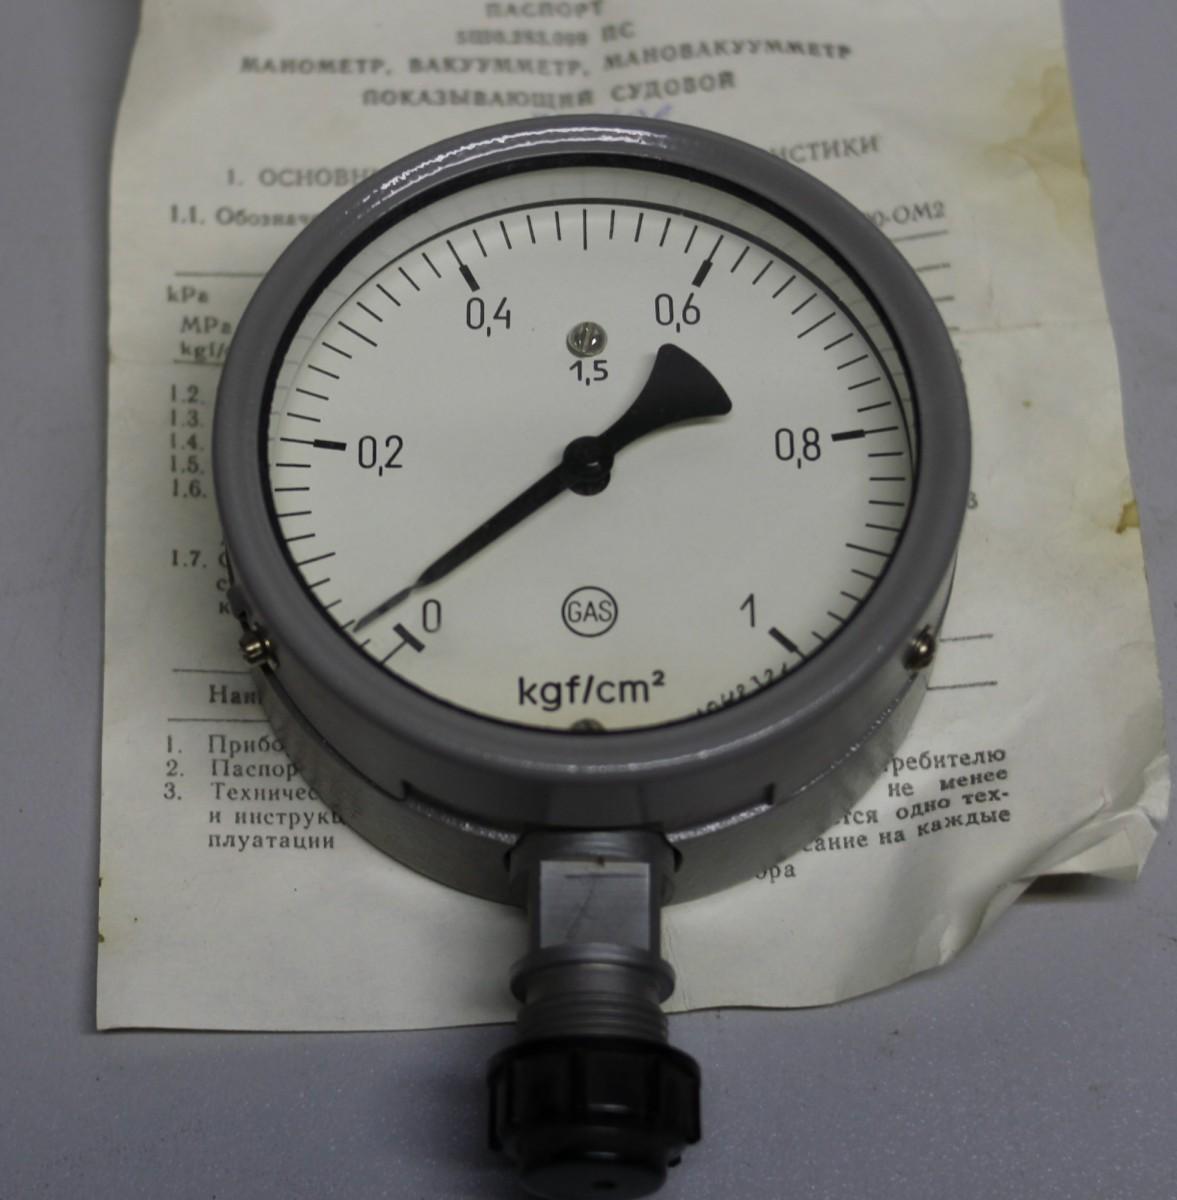 Manometer МТПСД-100-ОМ2 (0-1 kg / cm2)